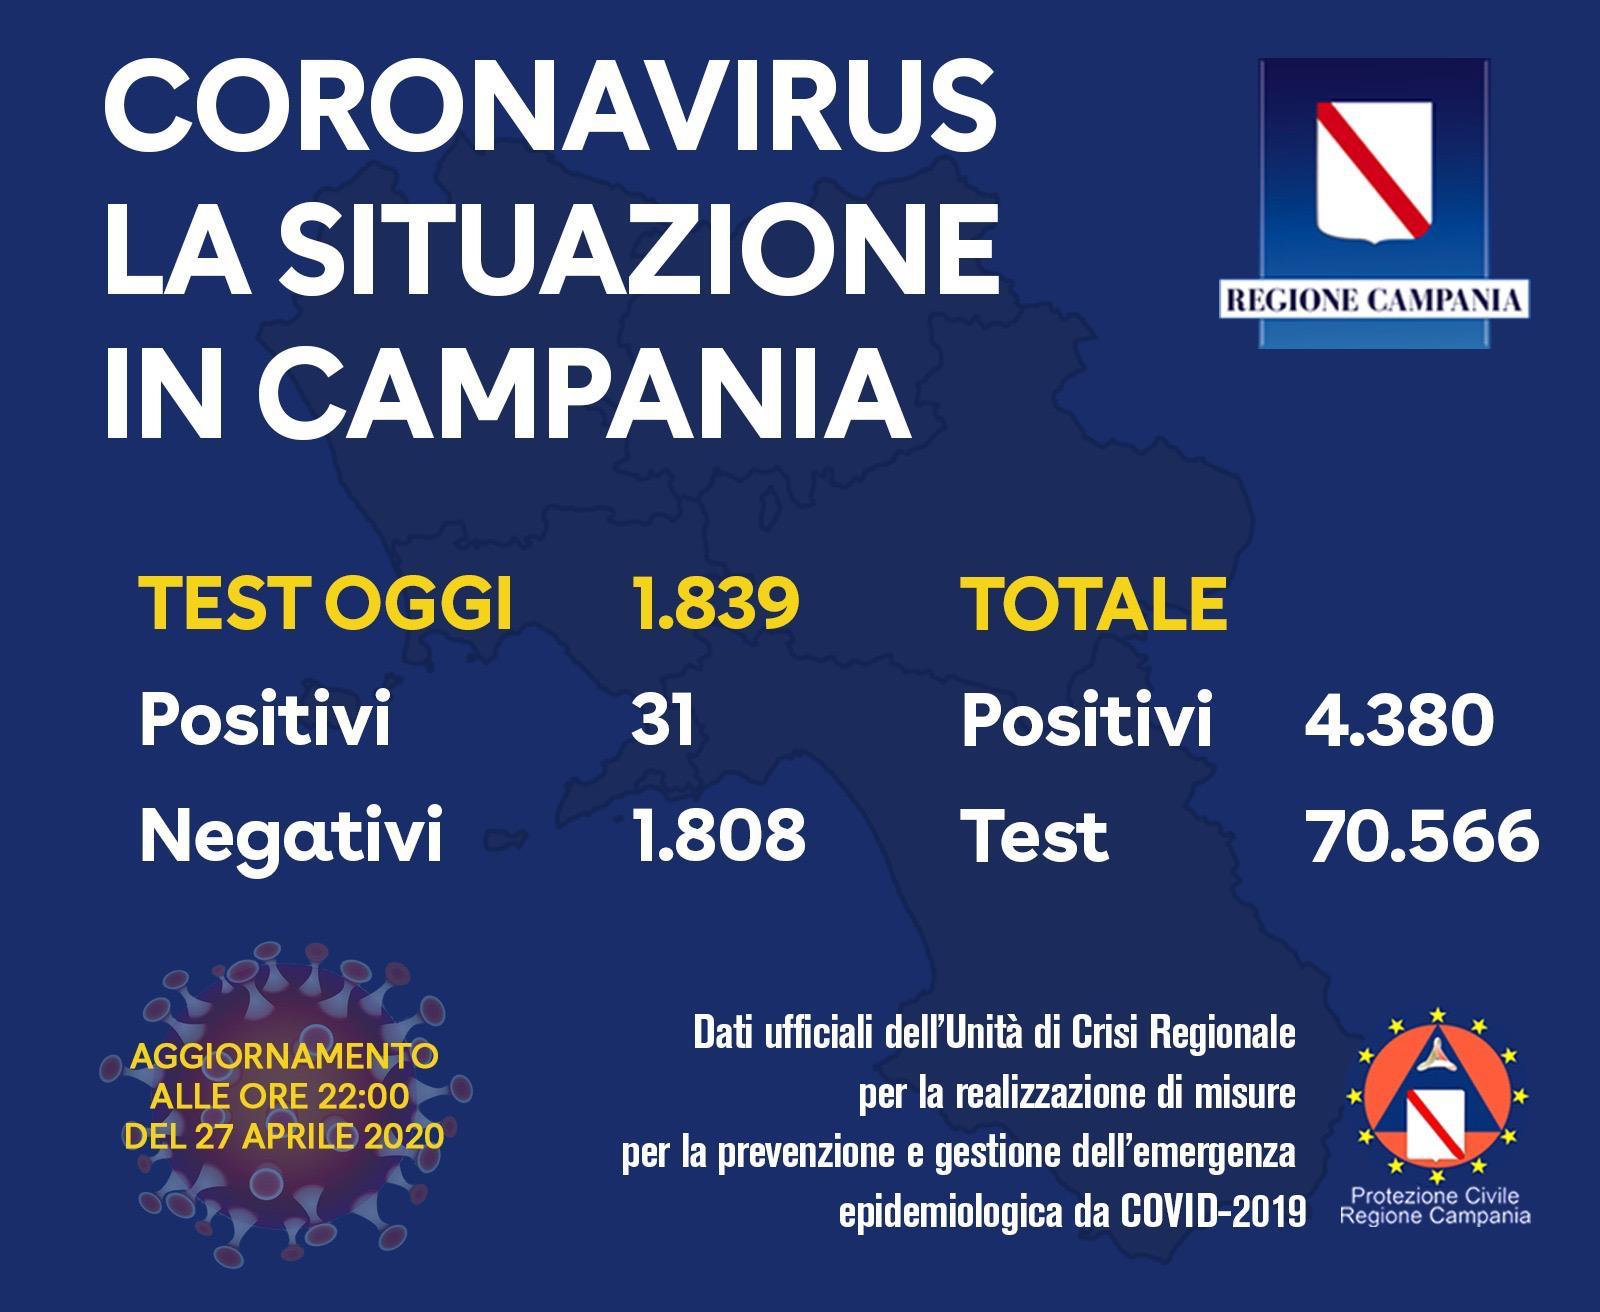 Photo of Coronavirus in Campania, 31 casi positivi: il bollettino del 27 aprile